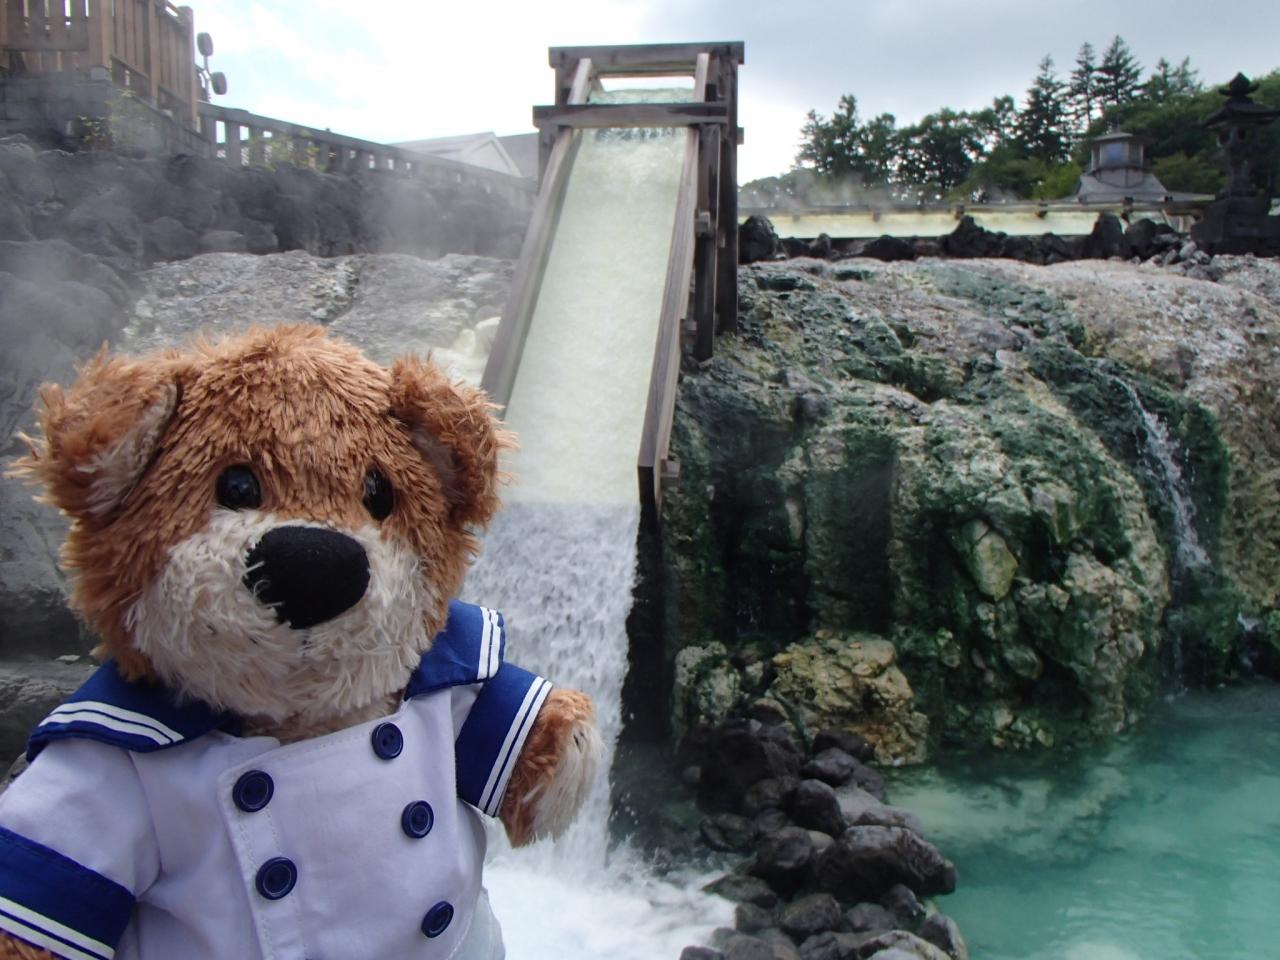 日帰り 草津 温泉 草津温泉で日帰りの混浴が利用できる穴場スポットを厳選公開!